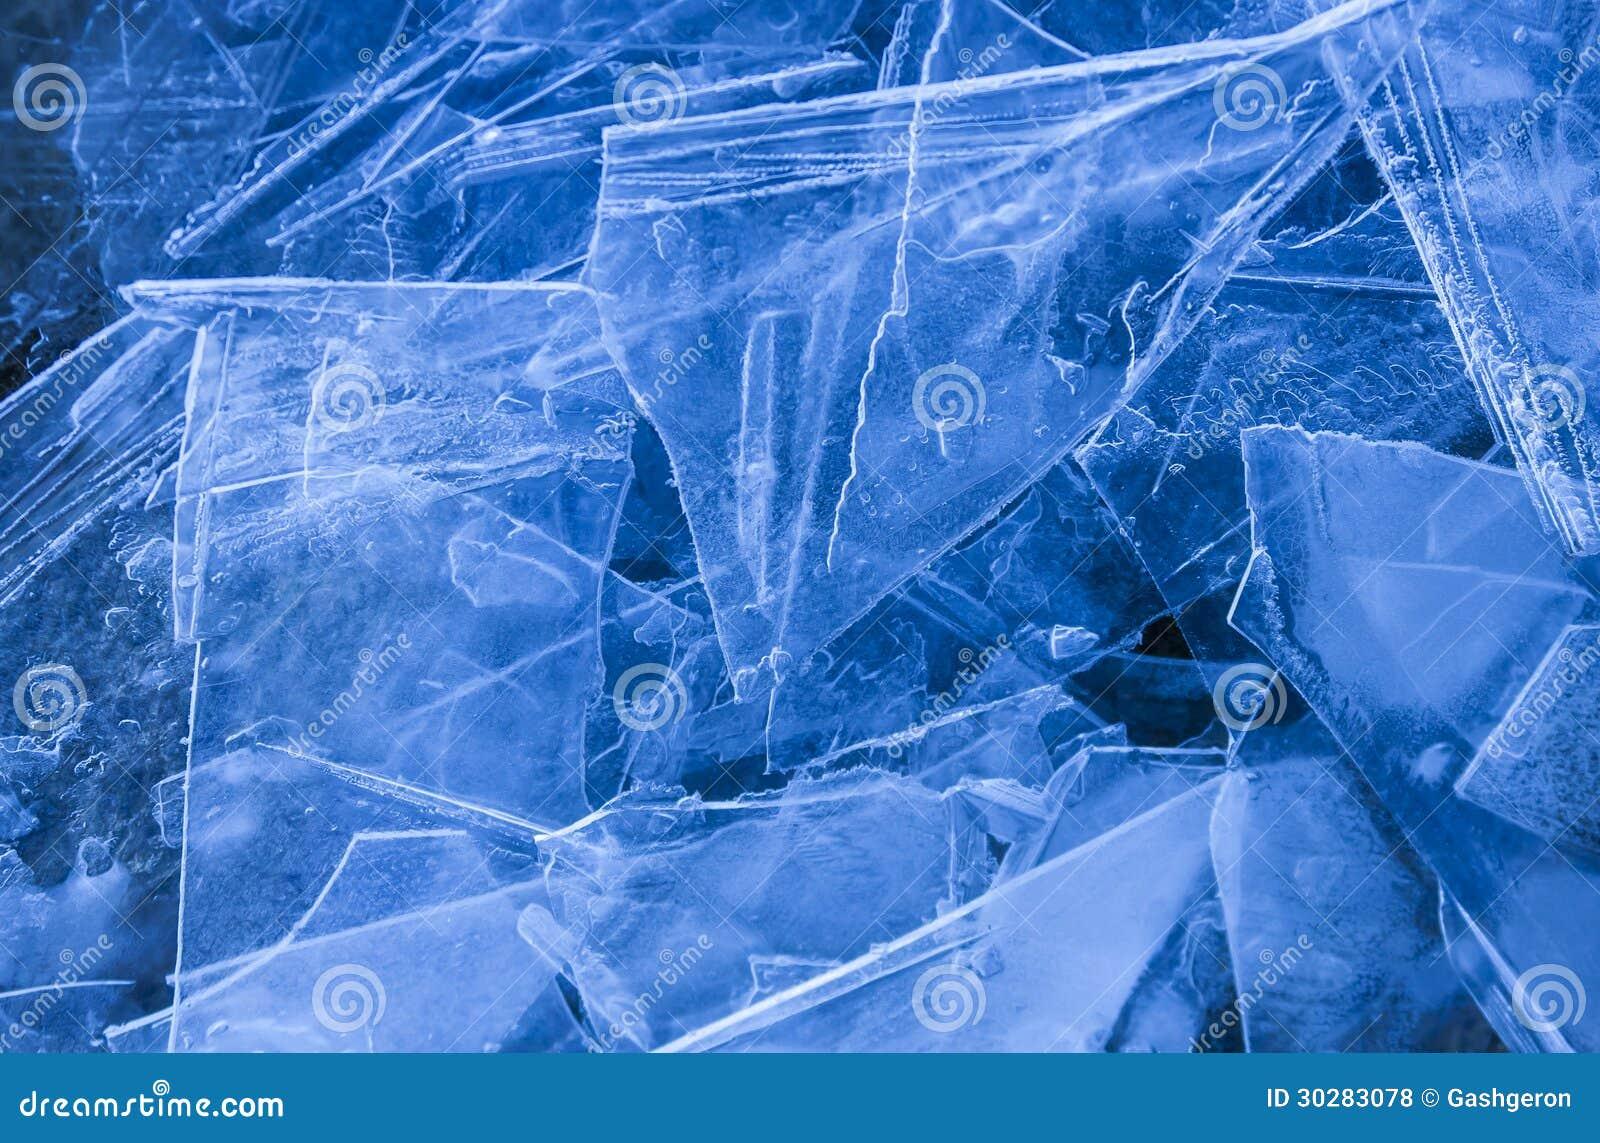 冰床,背景